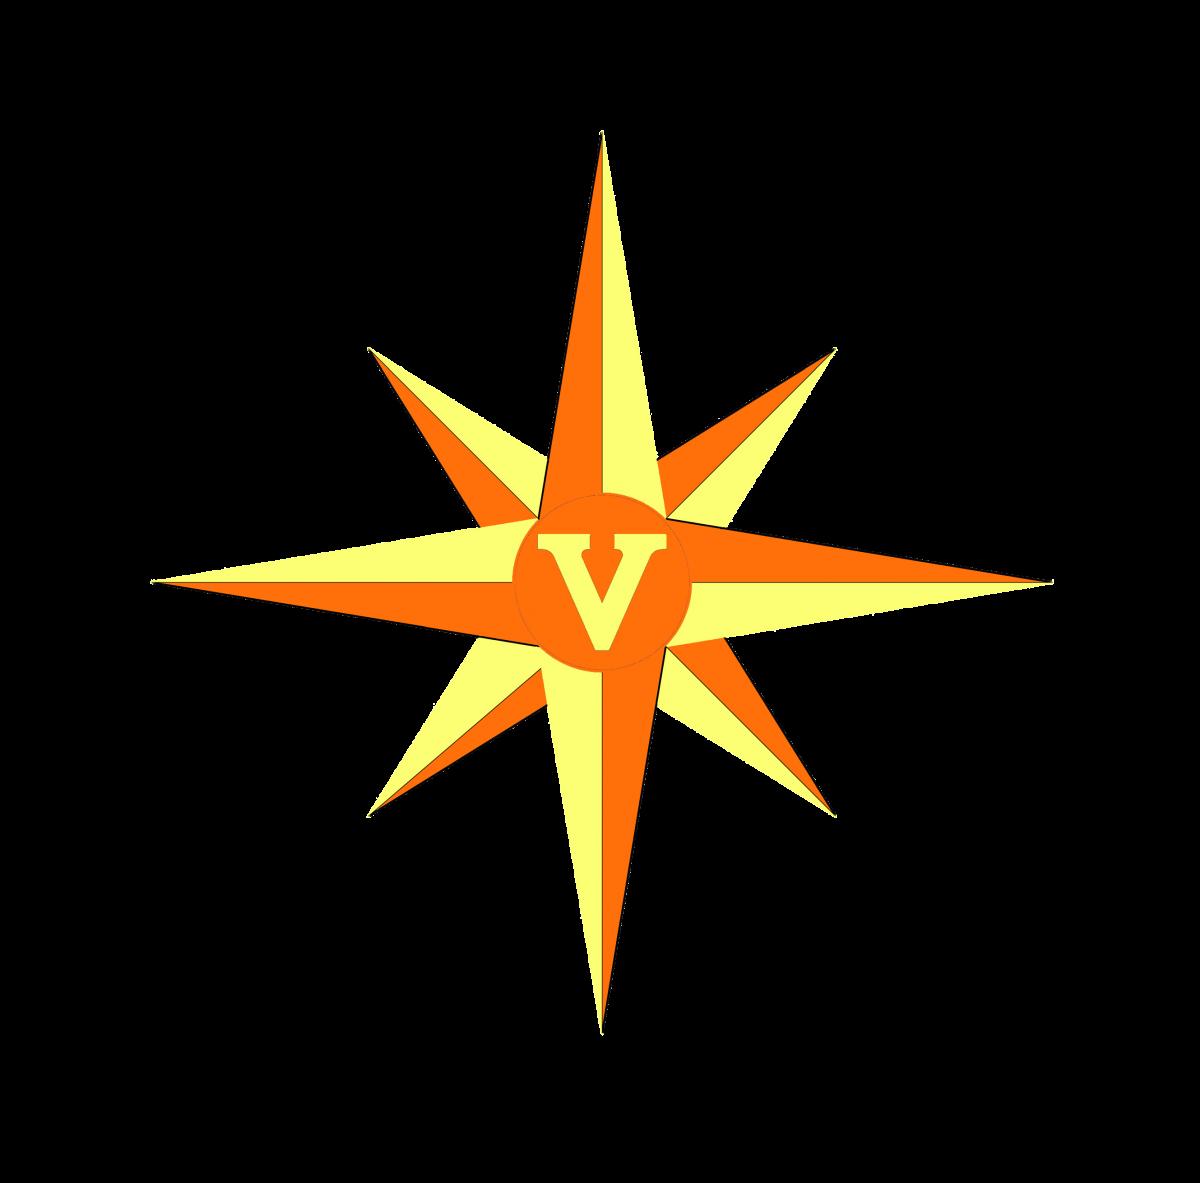 vescon-1200x1183.png